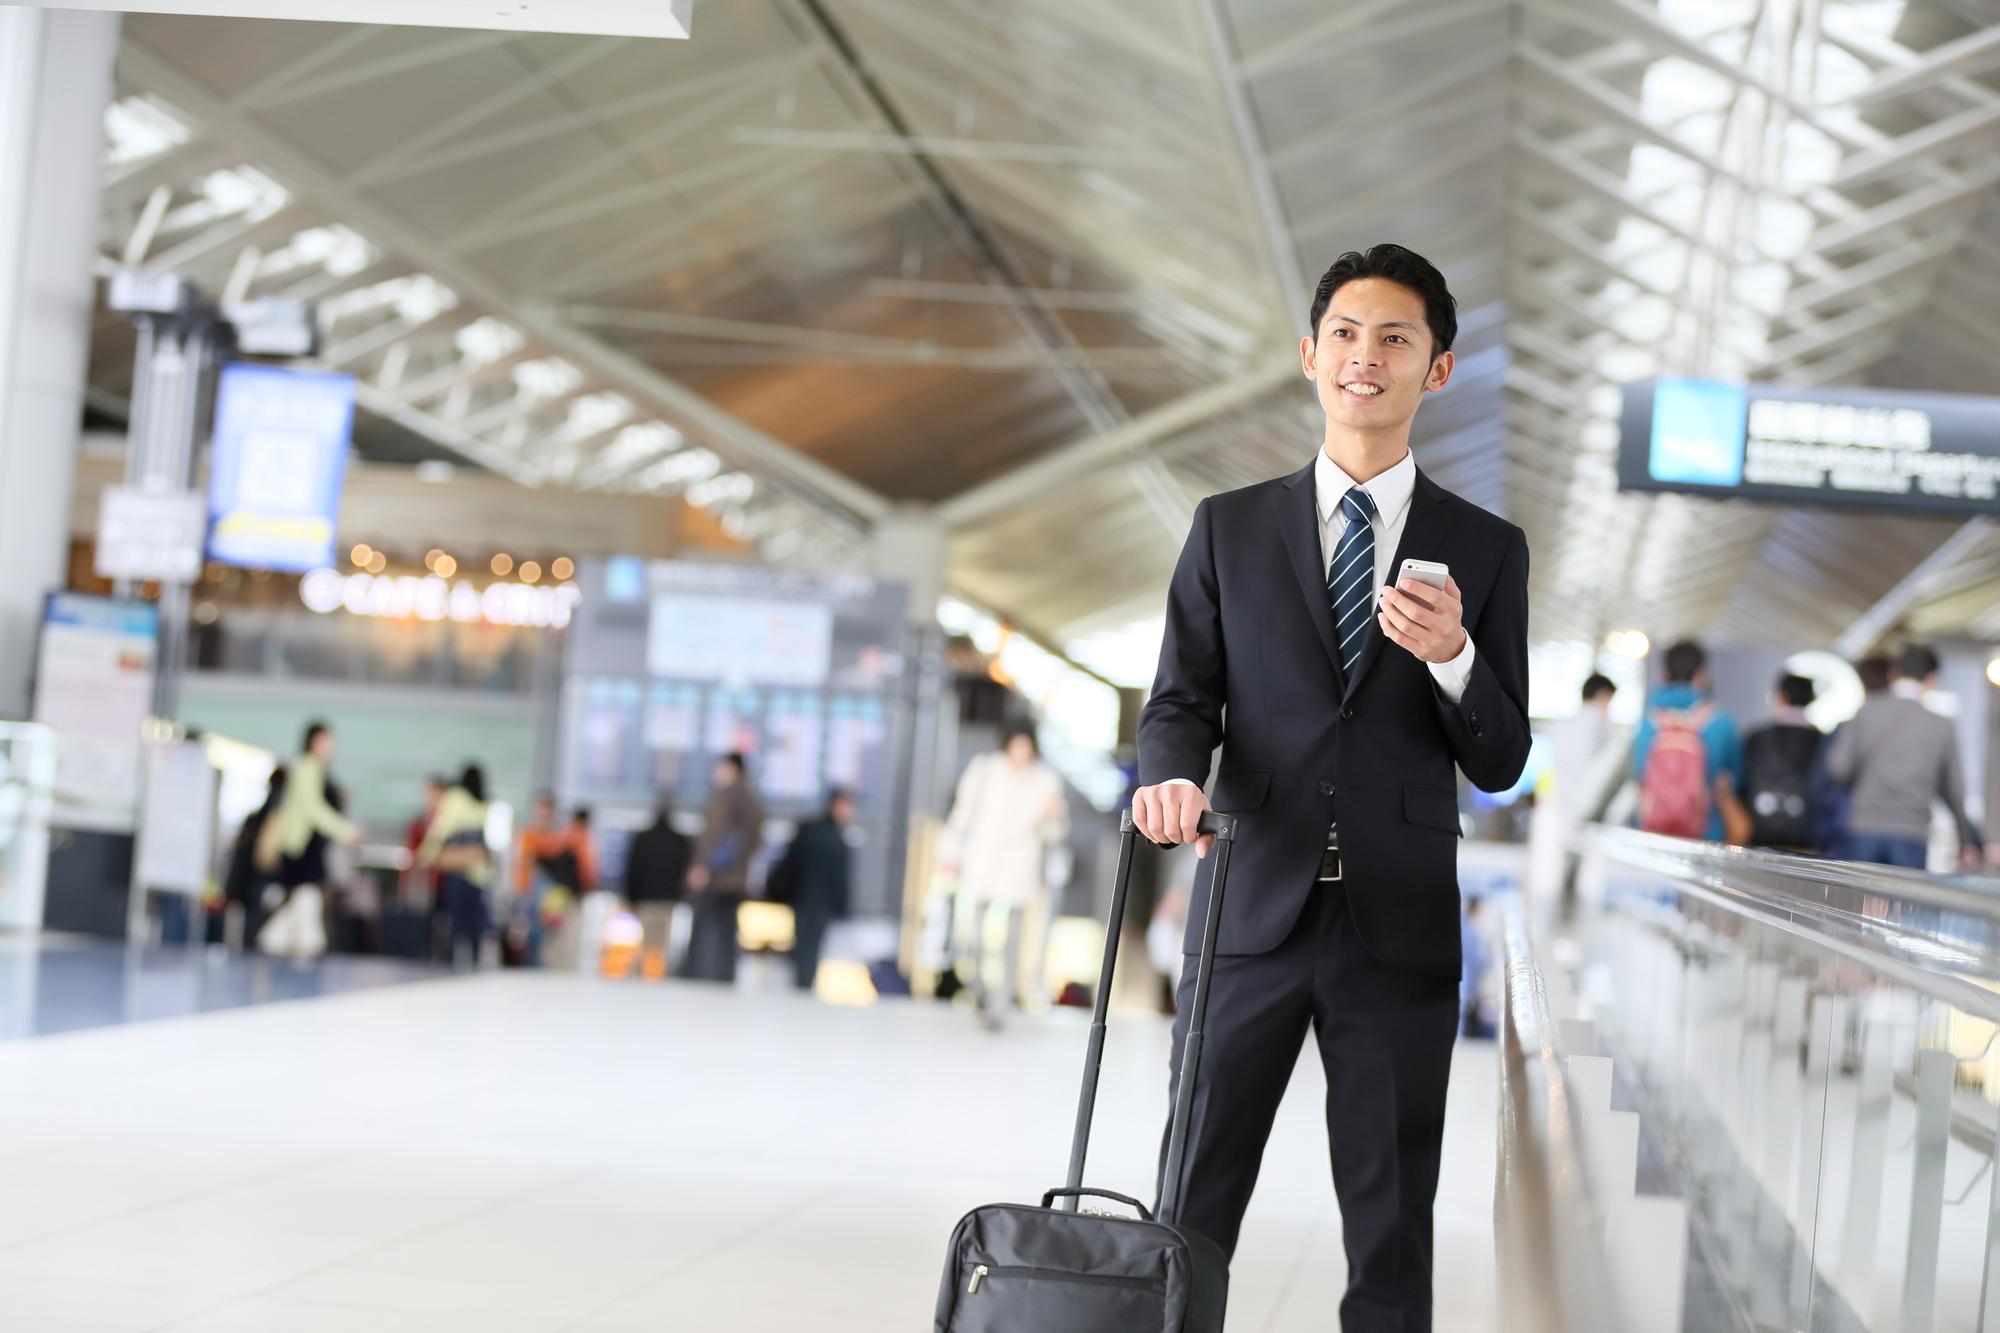 アメリカに出張に行く日本人ビジネスマン